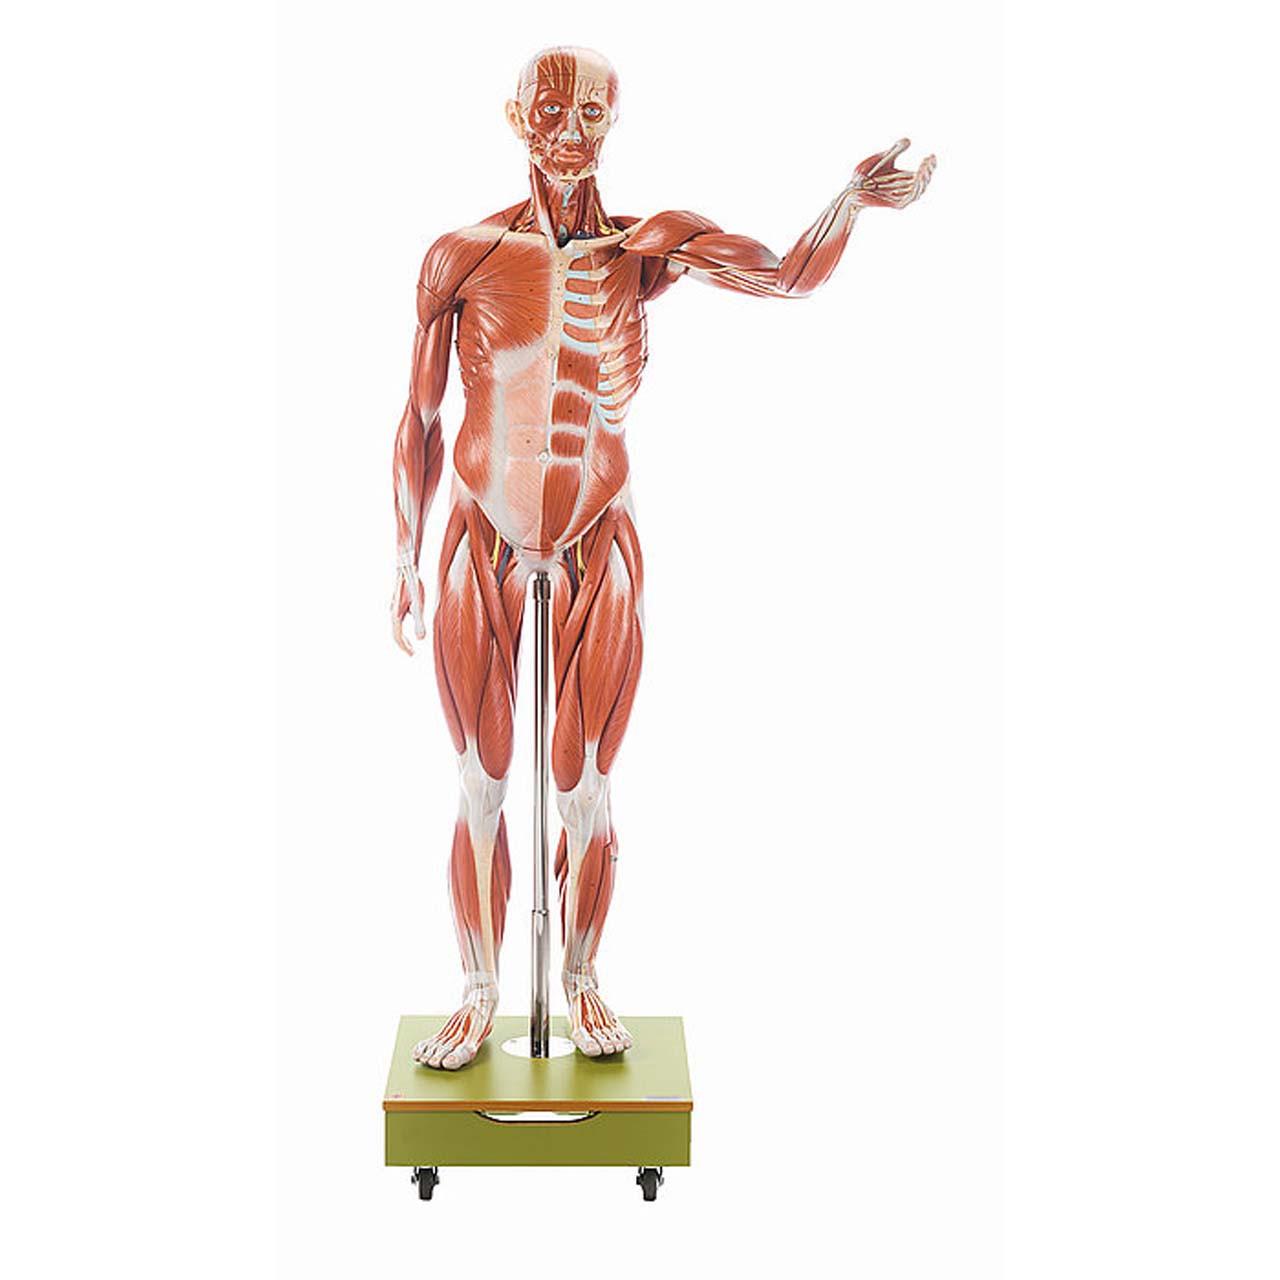 AS2/2 - Male Muscle Figure